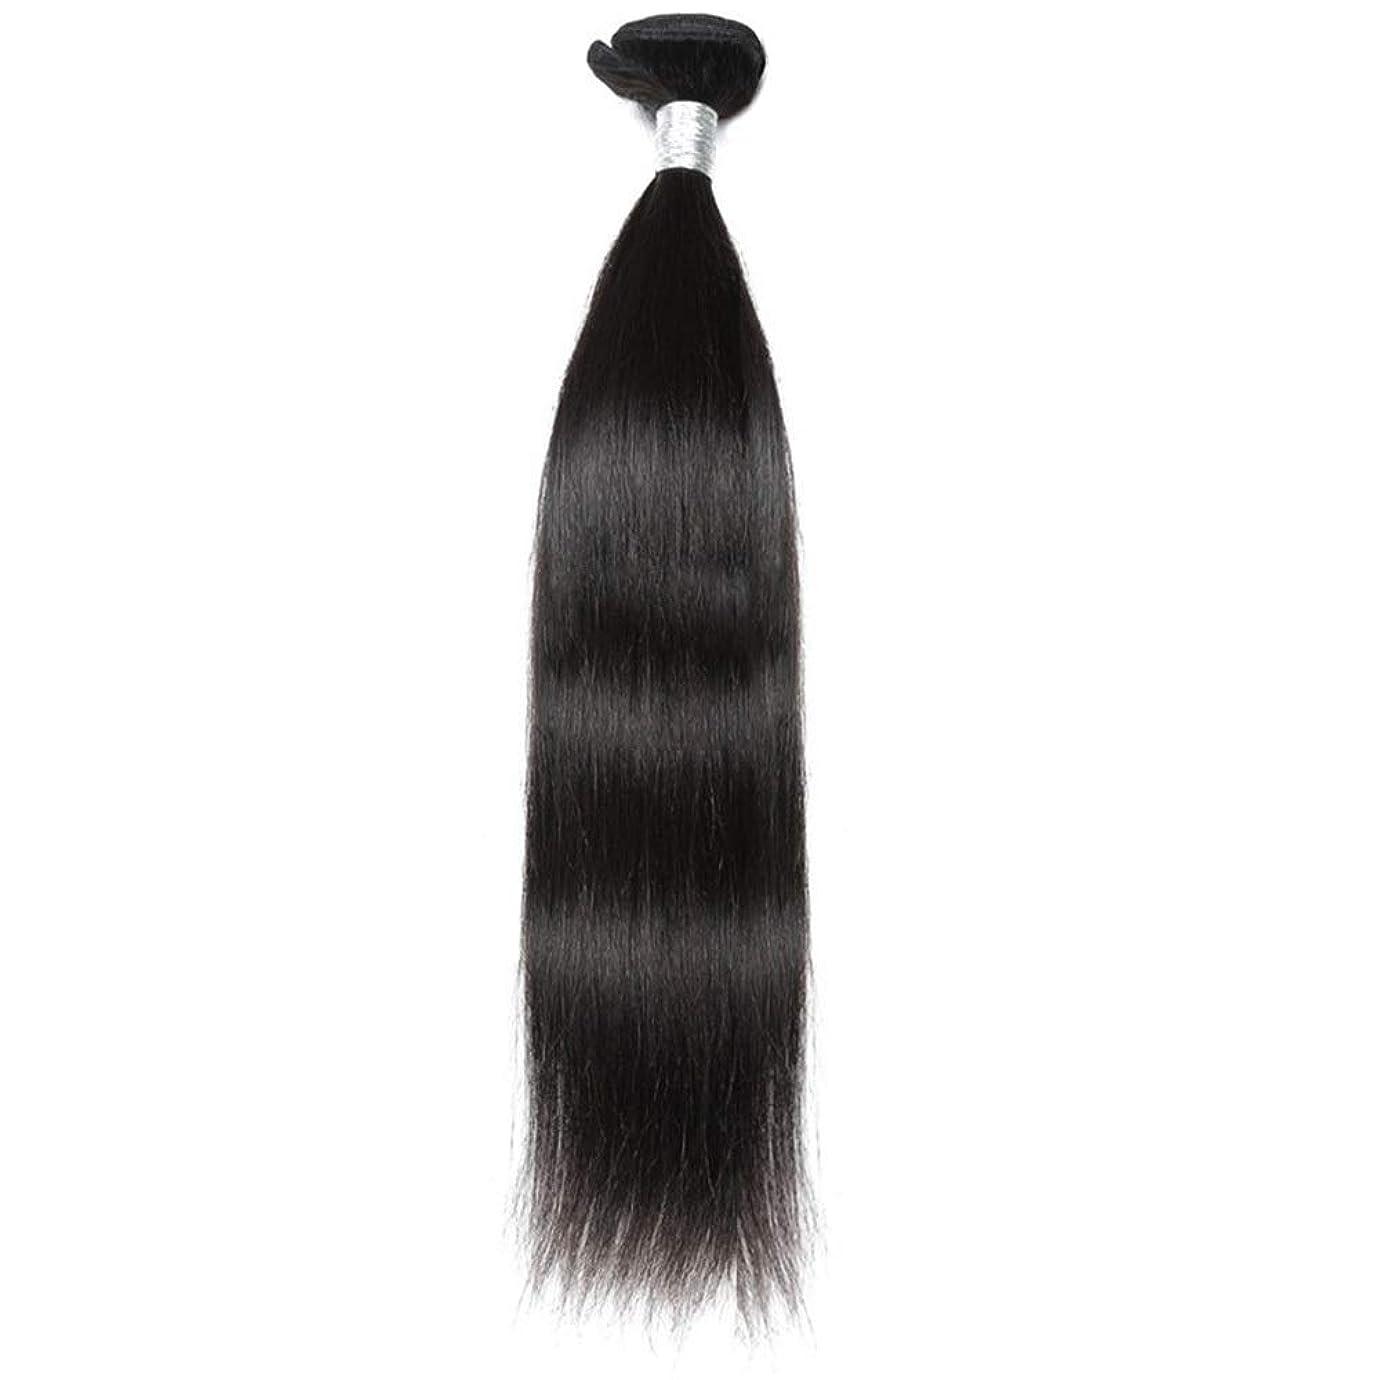 豚件名リラックスHOHYLLYA ブラジルのバージンヘア9Aグレード絹のようなストレート人間の髪の毛の織り方1バンドルナチュラルカラーヘアエクステンション(10インチ-26インチ)合成髪レースかつらロールプレイングウィッグストレートシリンダーショートスタイル女性自然 (色 : 黒, サイズ : 26 inch)